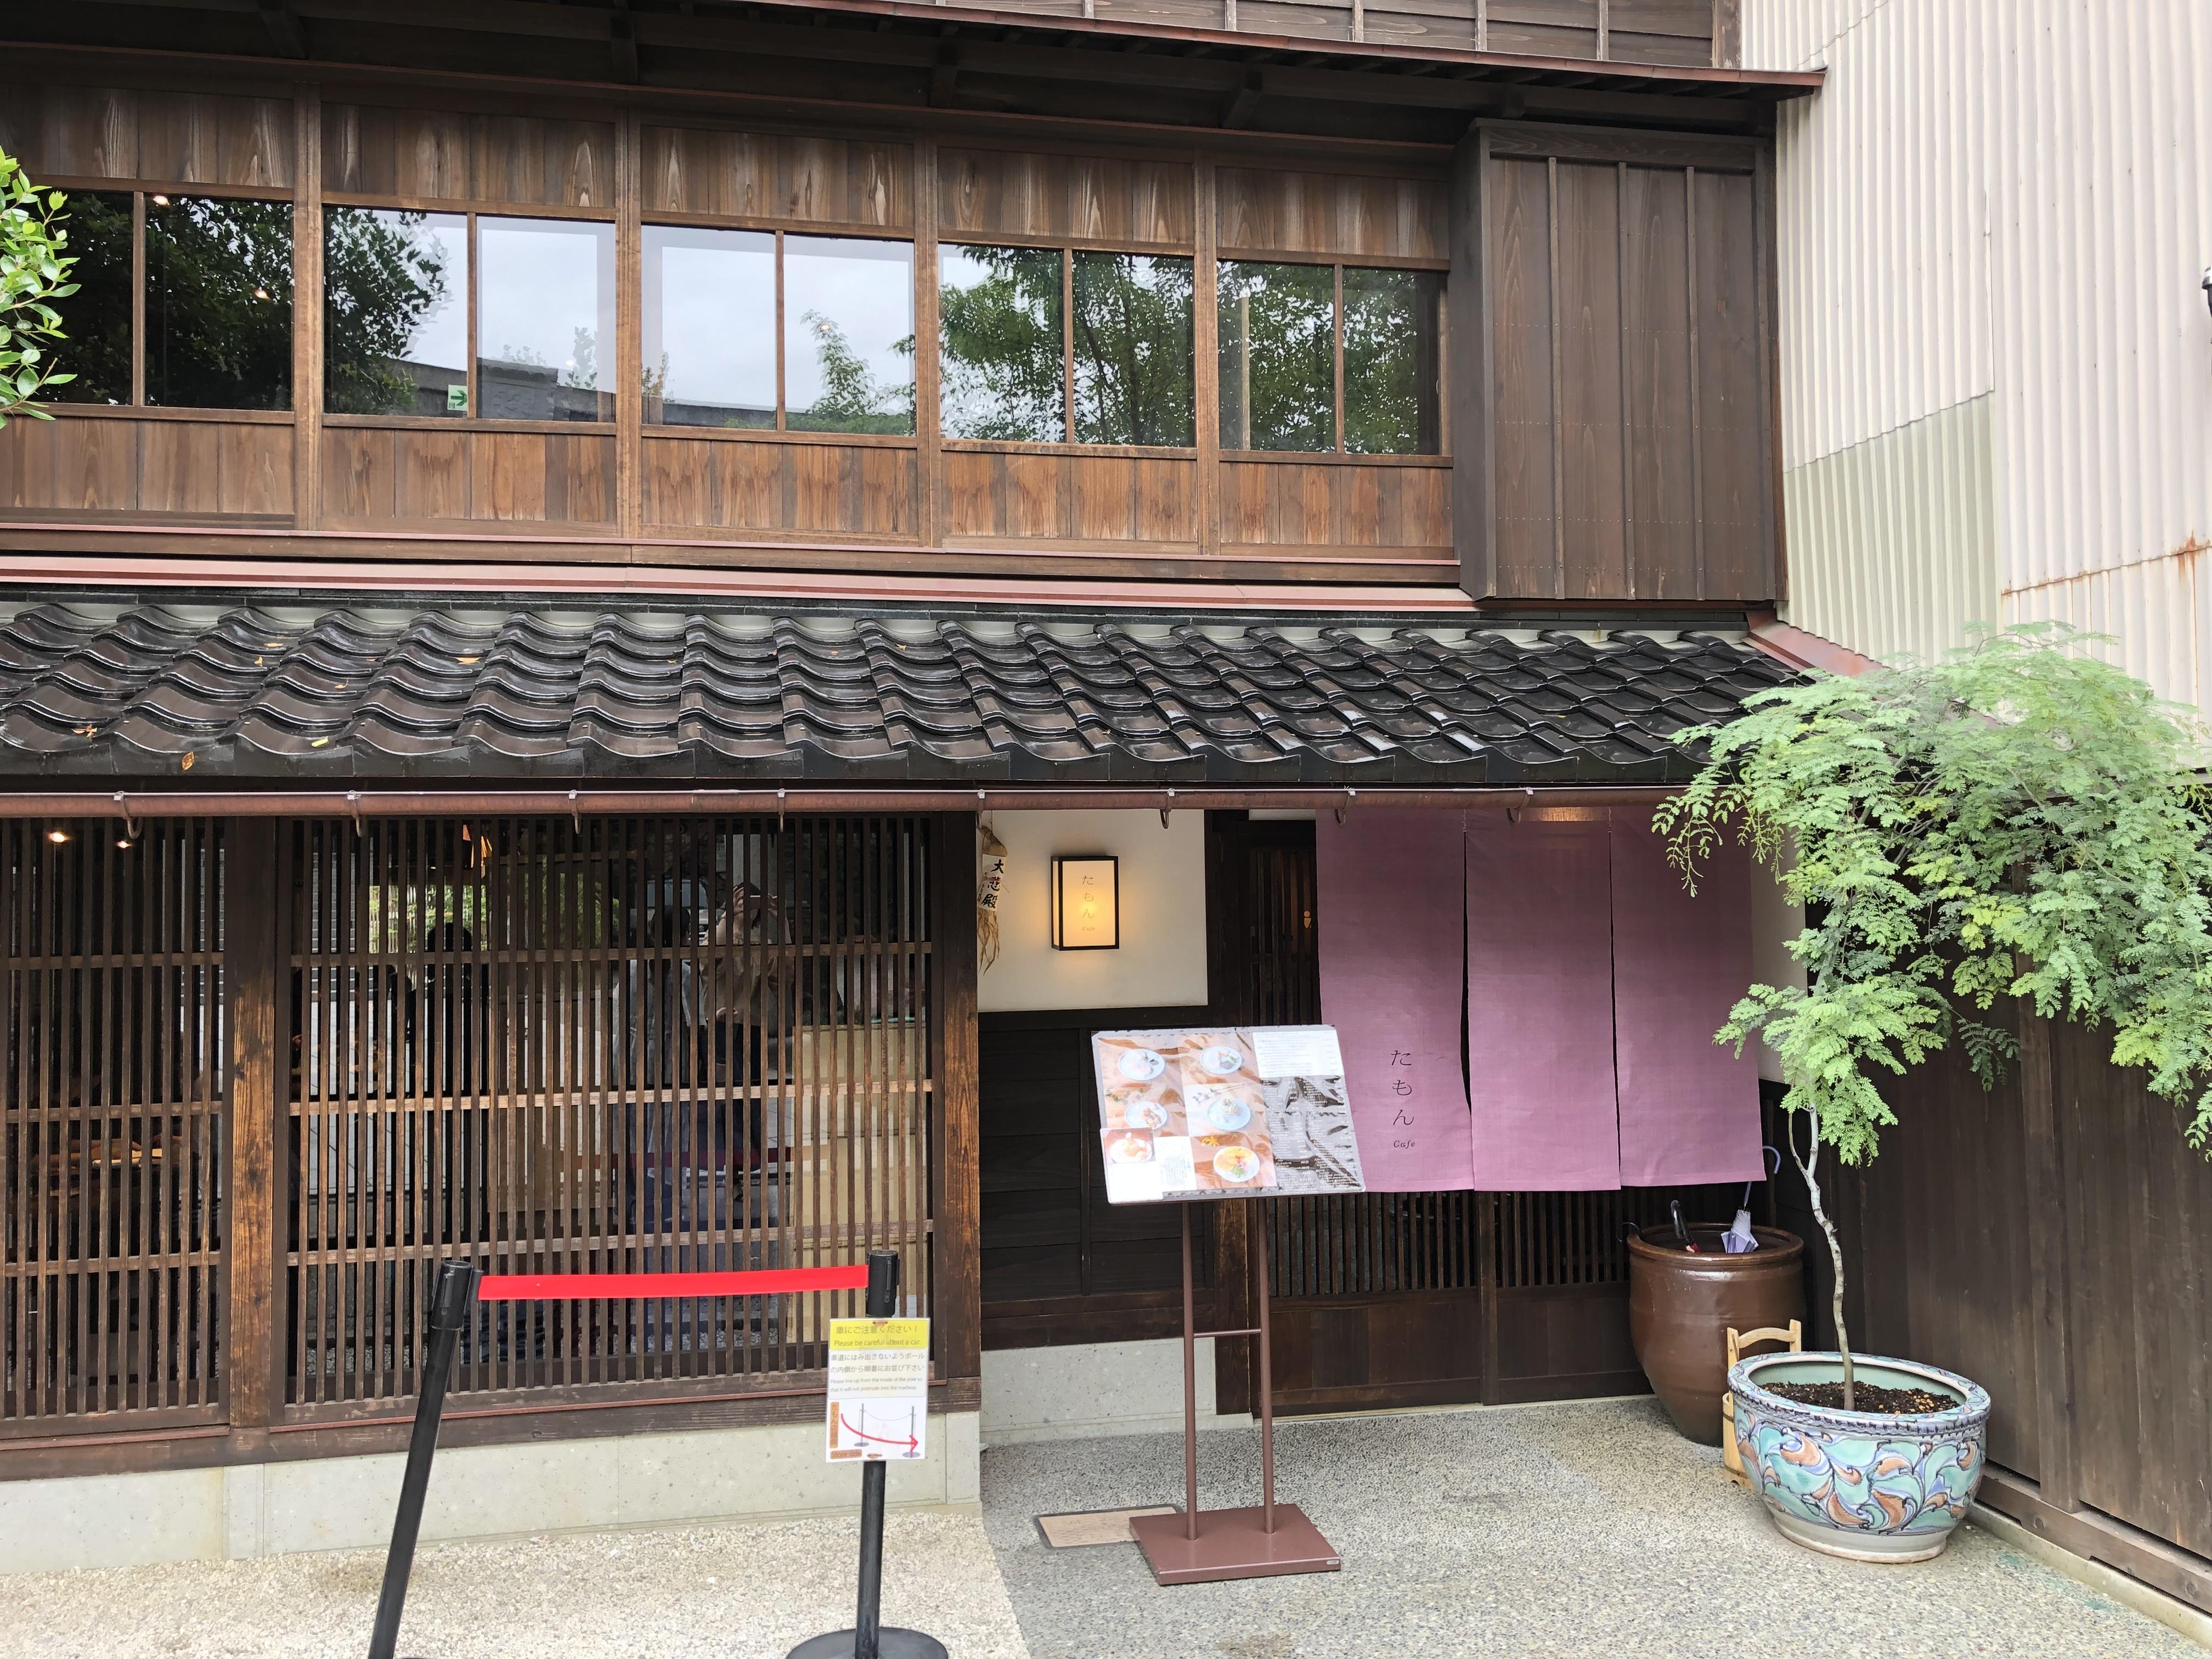 金沢の観光地のひがし茶屋街のカフェたもん